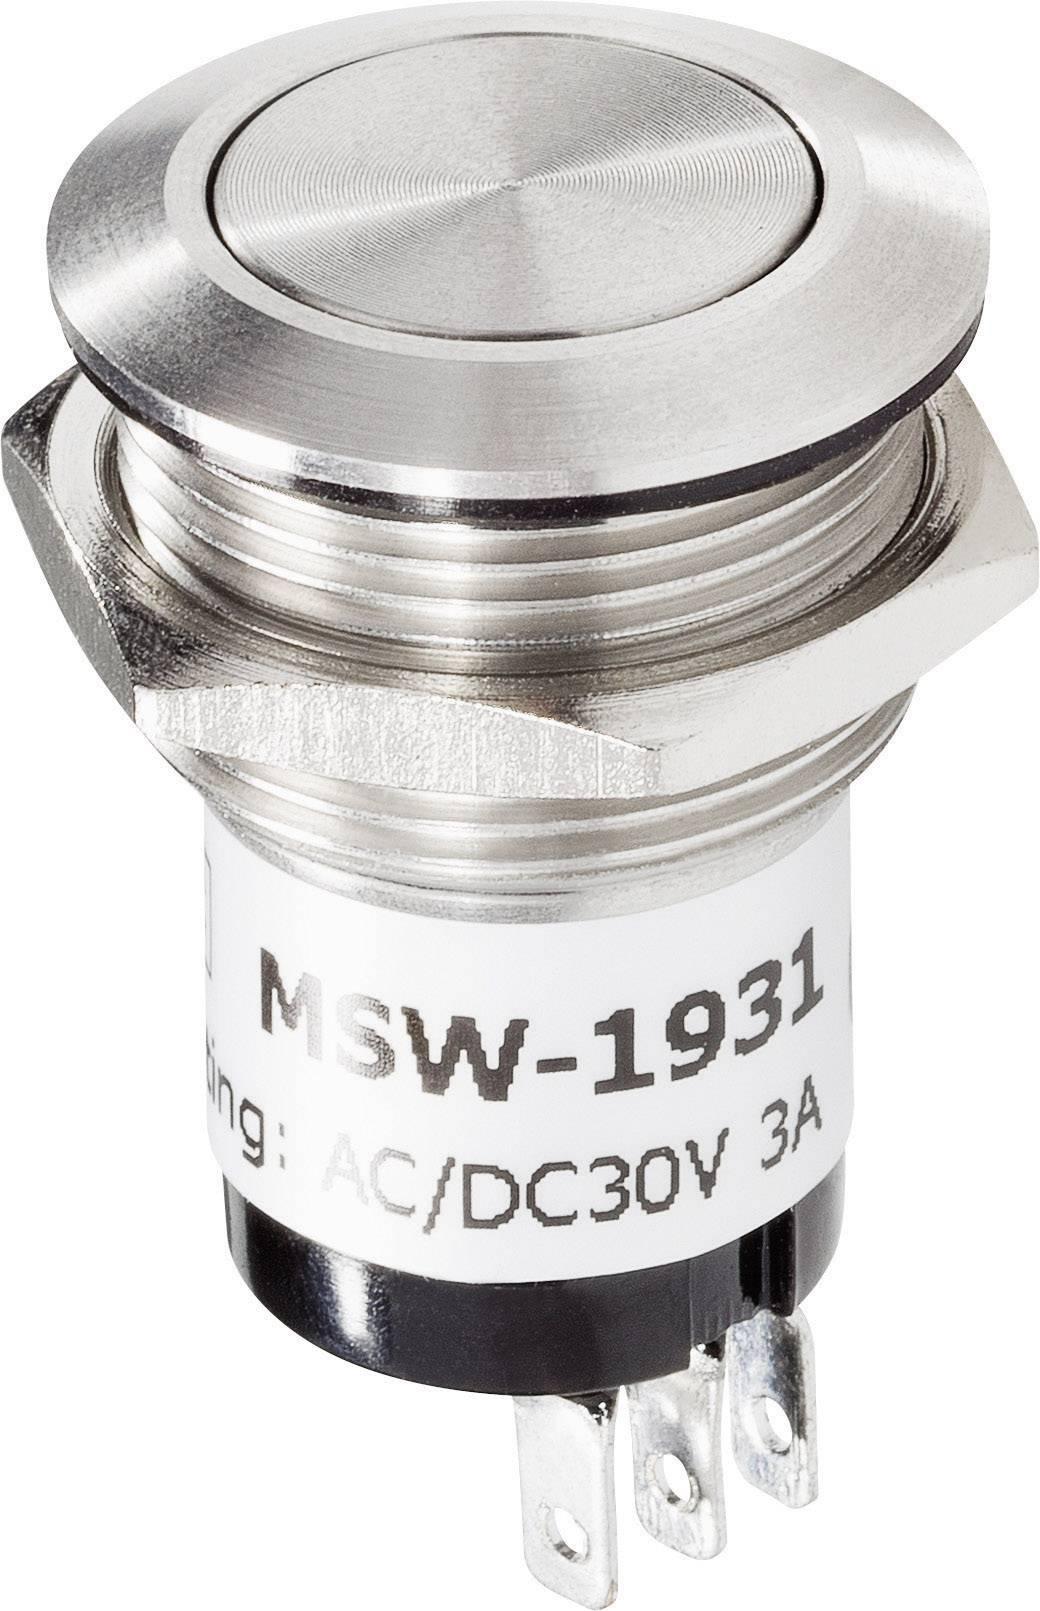 Zvončekové nerezové tlačidlo RENKFORCE, 24 V / 1 A, 22 mm